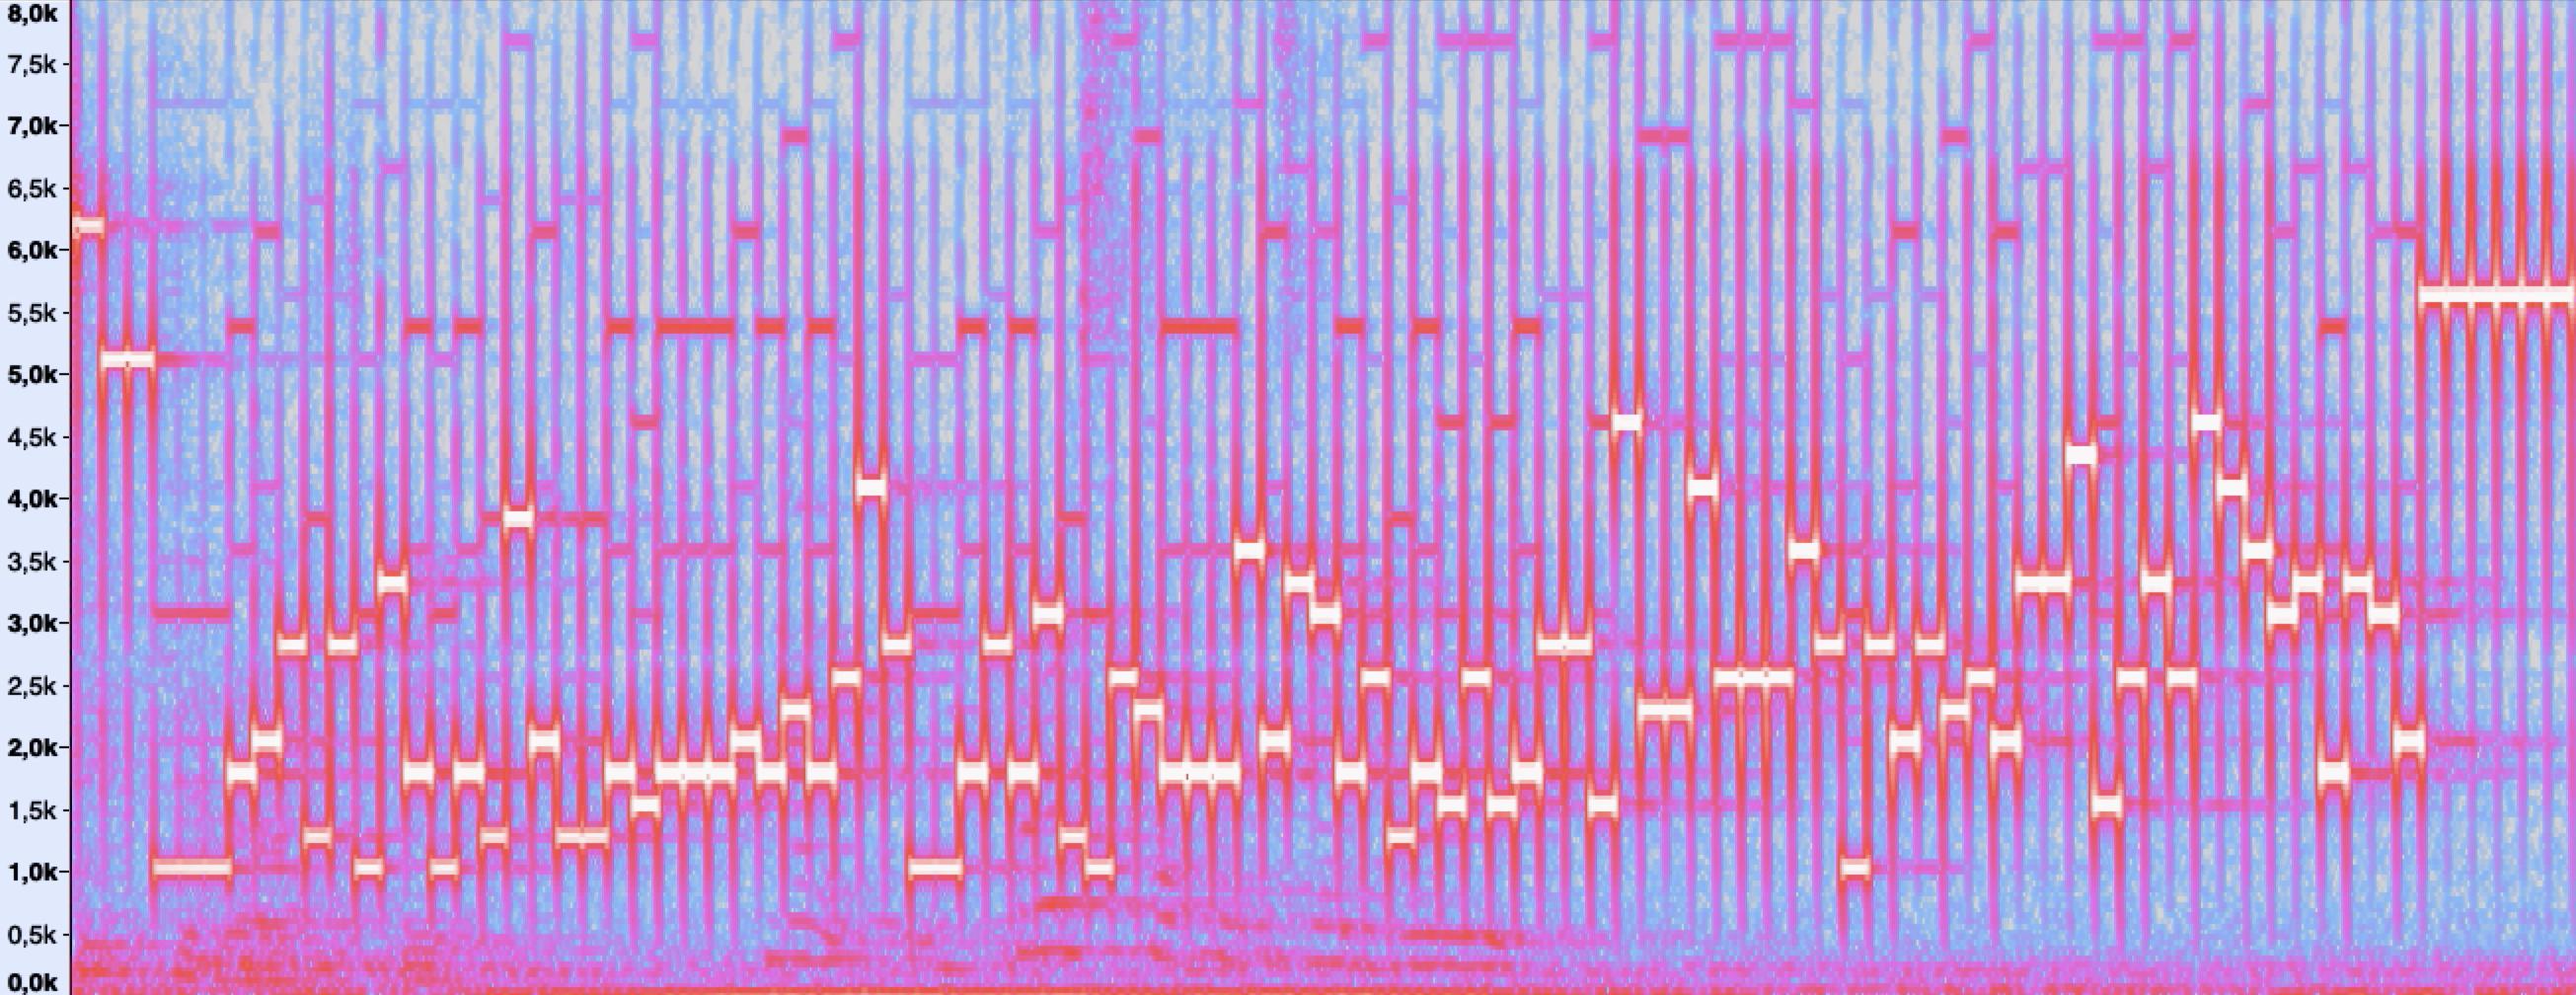 Как уязвимость в Яндекс.Станции вдохновила меня на проект: Музыкальная передача данных - 3